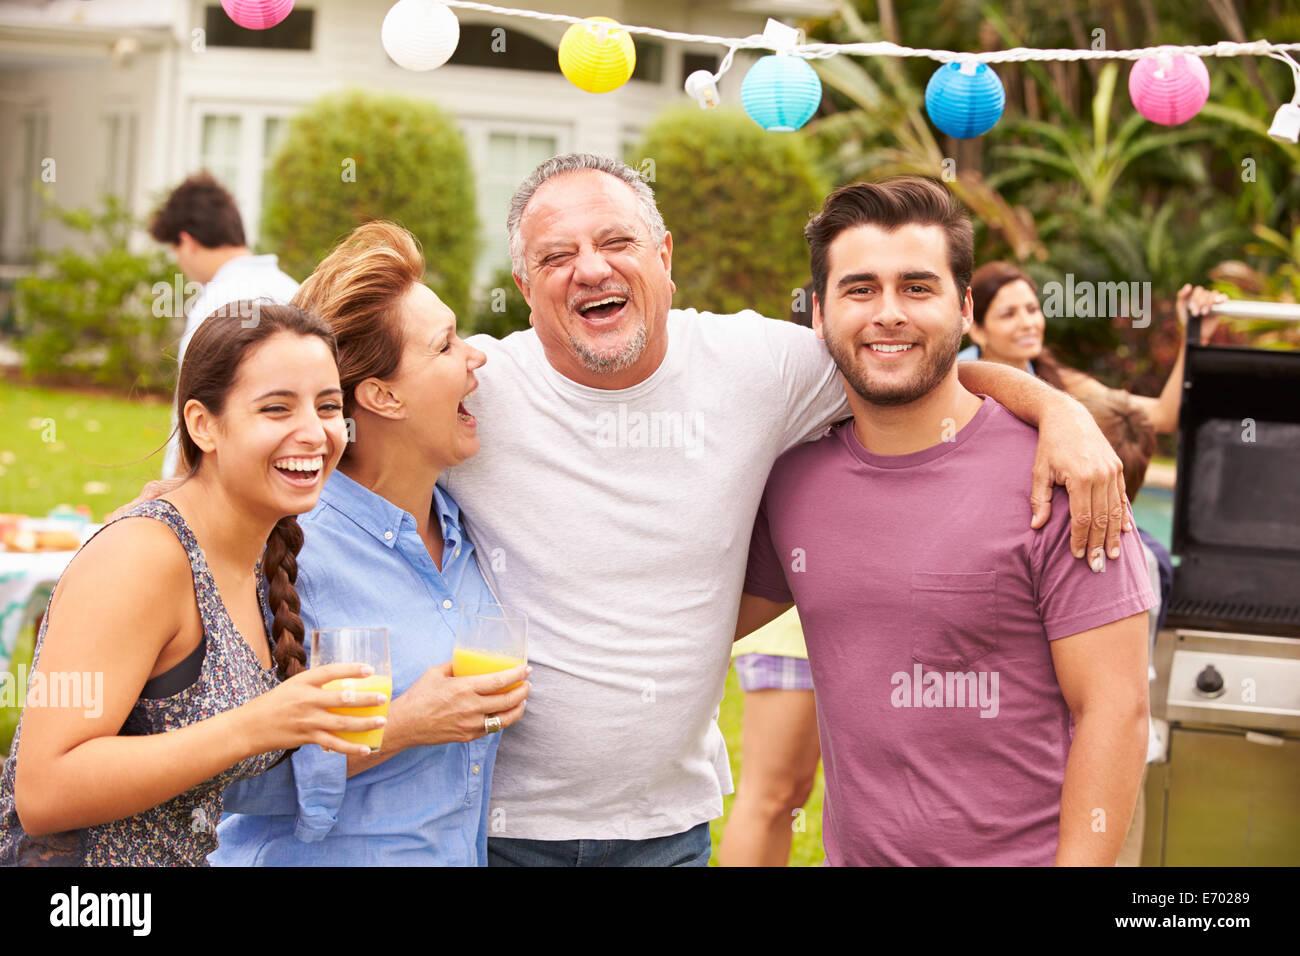 Un genitore con figli adulti godendo party in giardino Immagini Stock